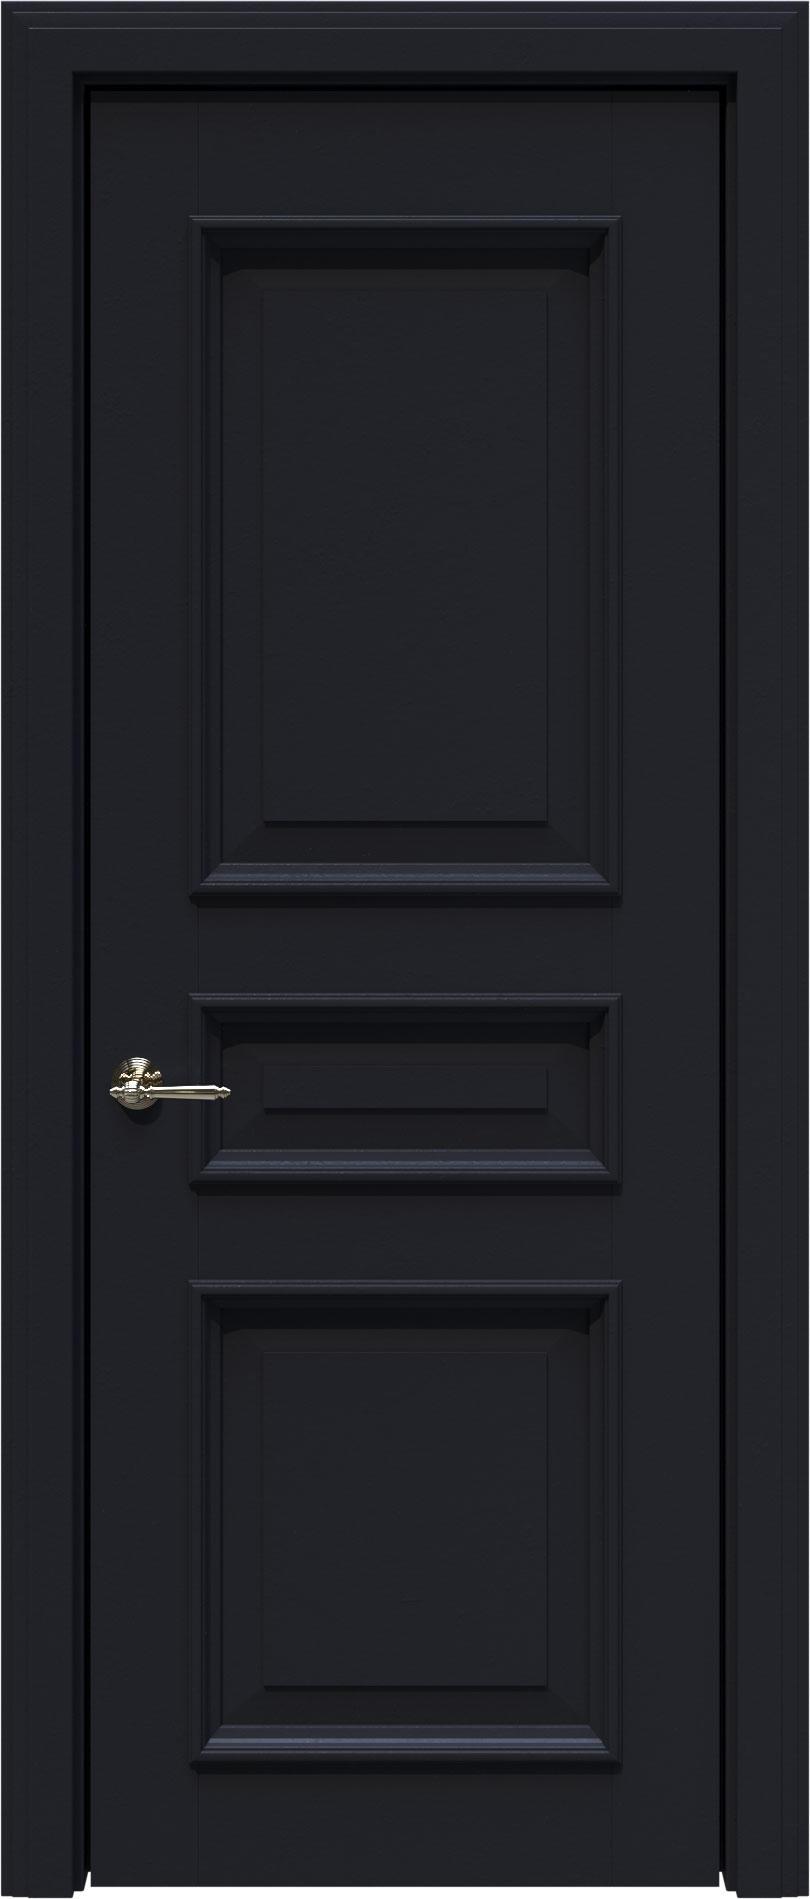 Imperia-R LUX цвет - Черная эмаль (RAL 9004) Без стекла (ДГ)